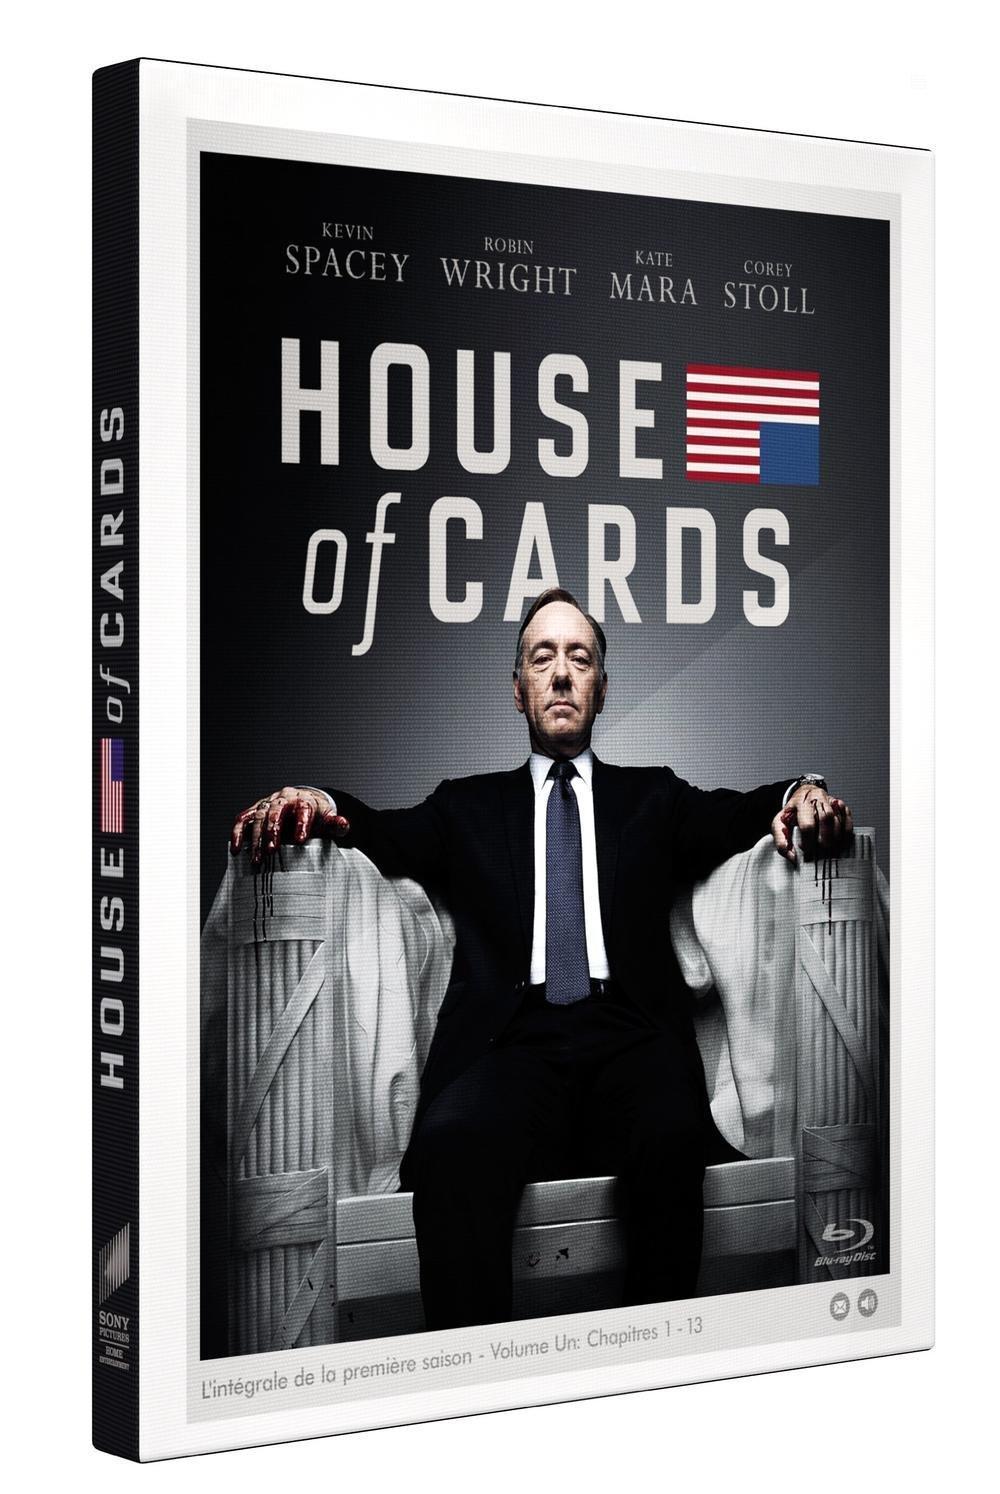 Jusqu'à 72% de réduction sur une sélection de DVD / Blu-ray - Ex : Blu-ray House of cards - Saison 1